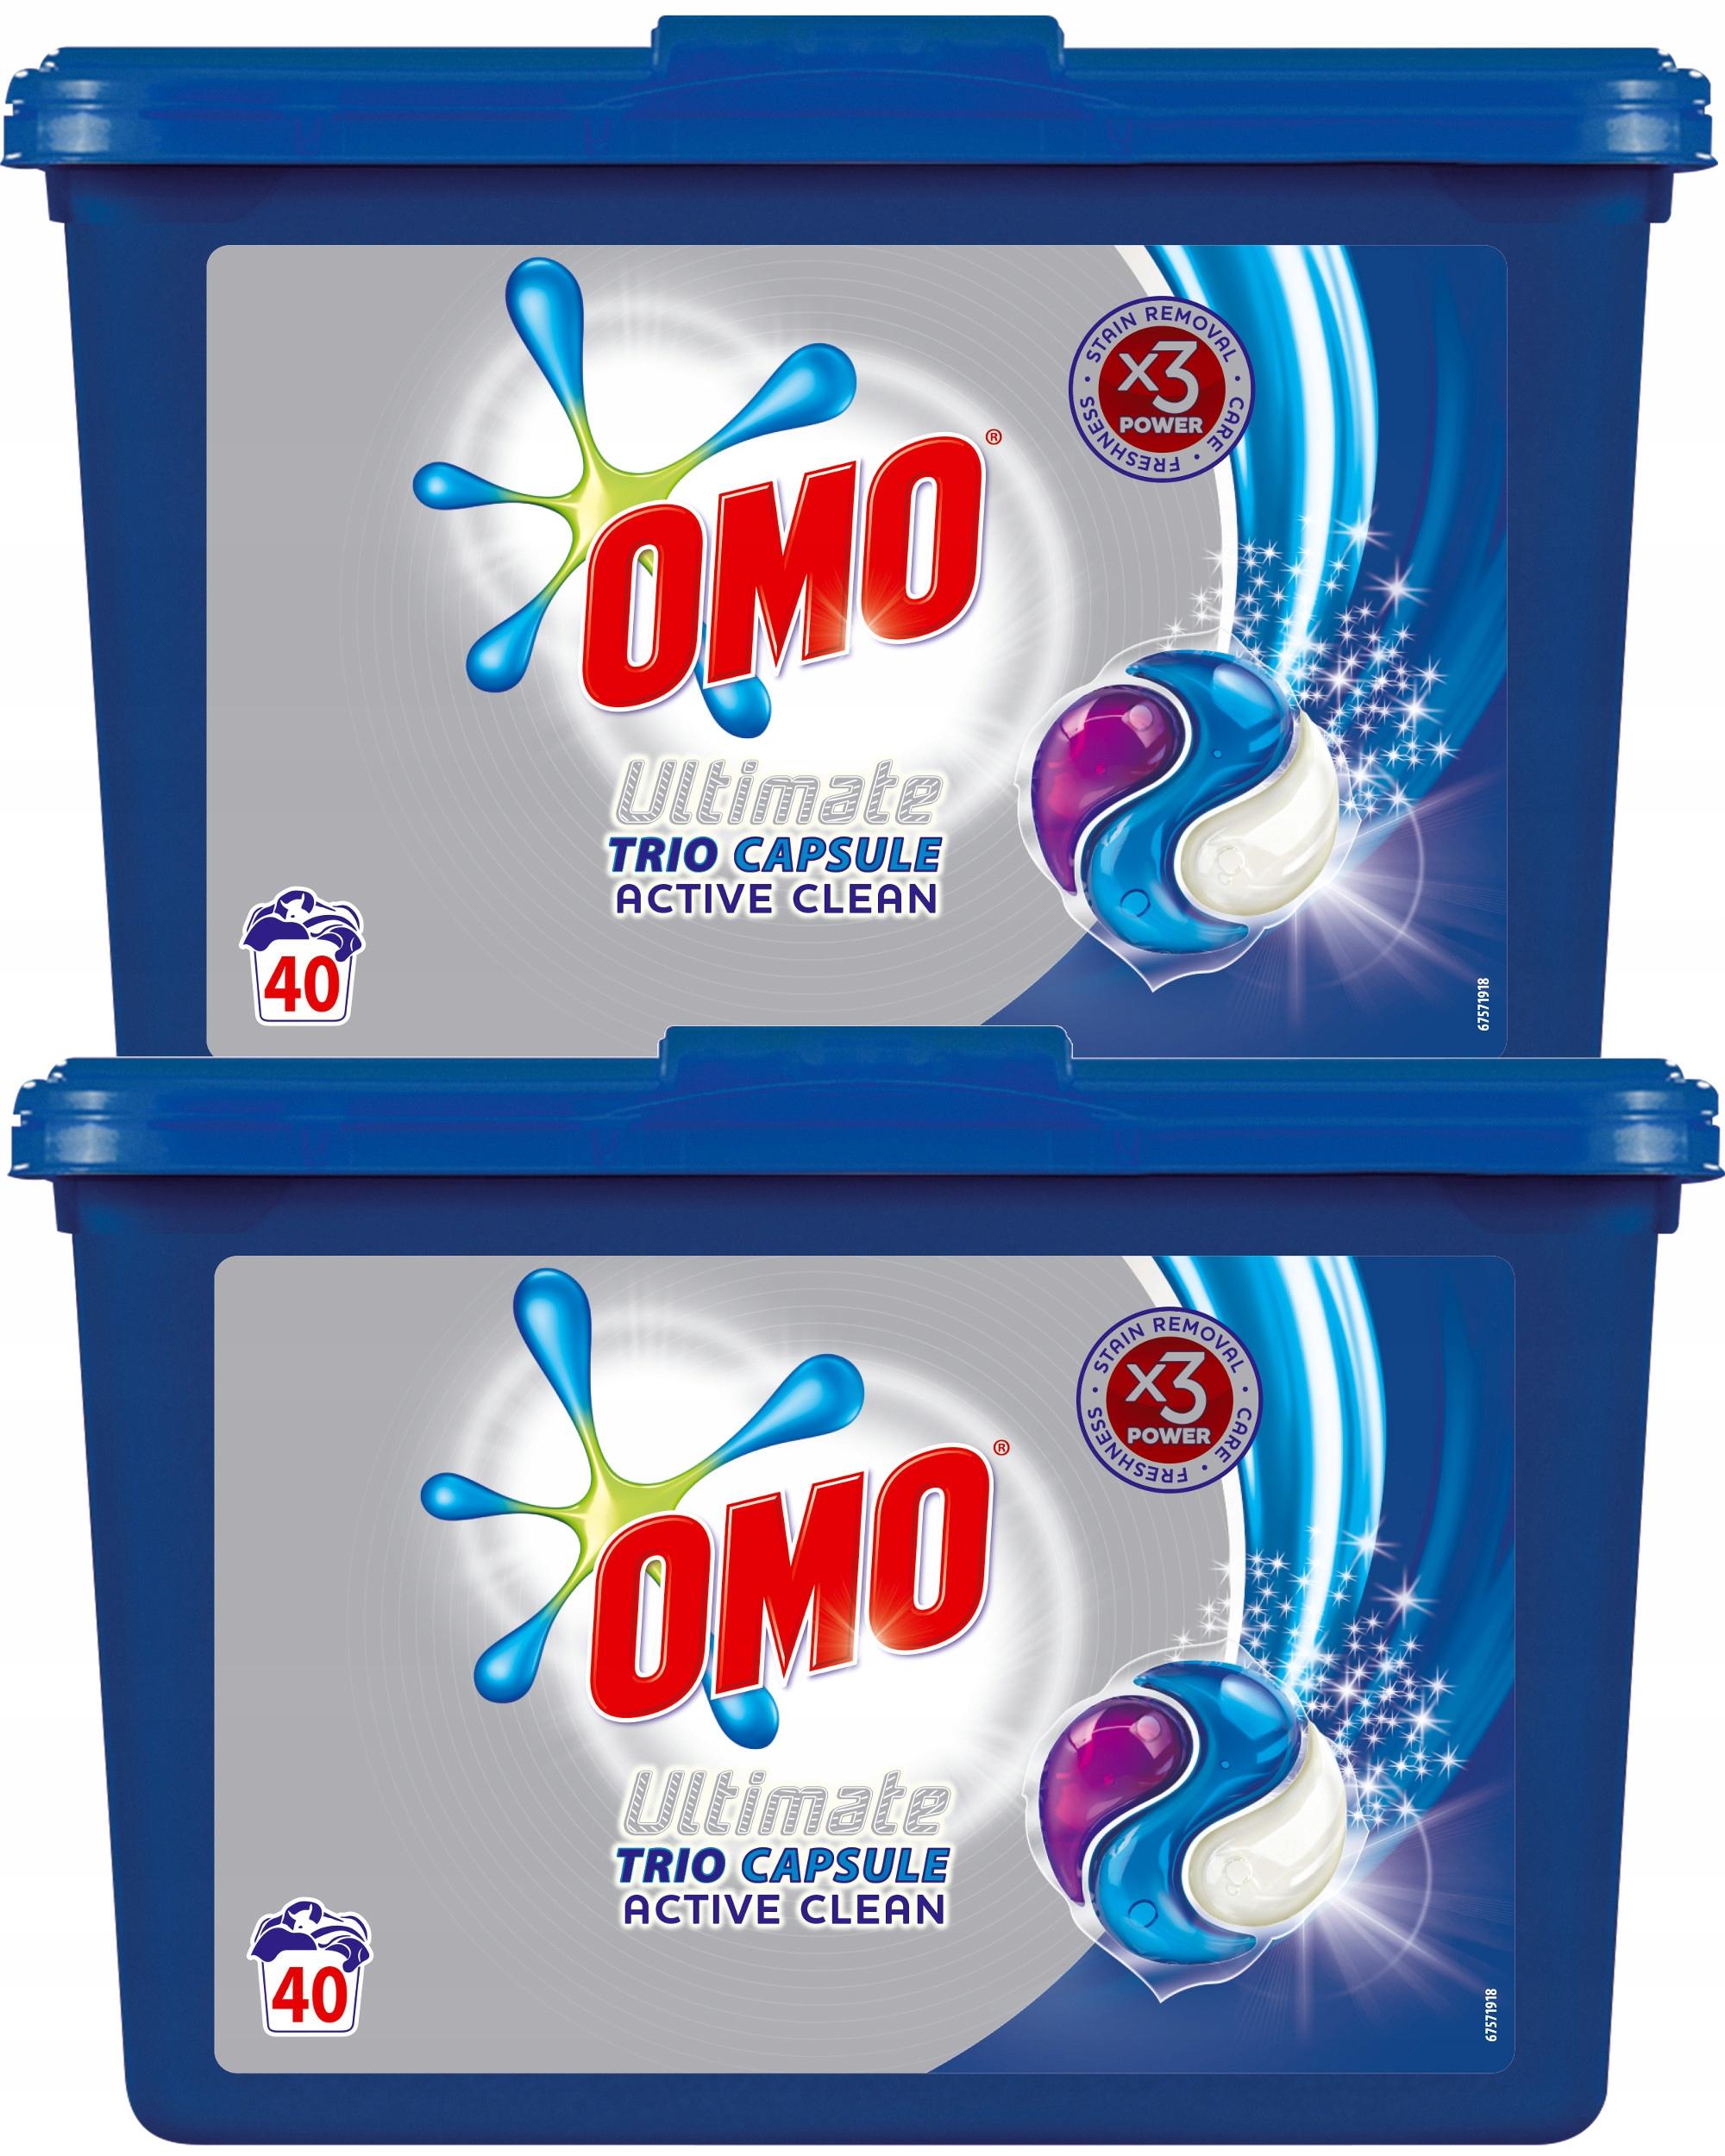 Omo Ultimate Активное трио Прачечная Капсулы 80pcs XL